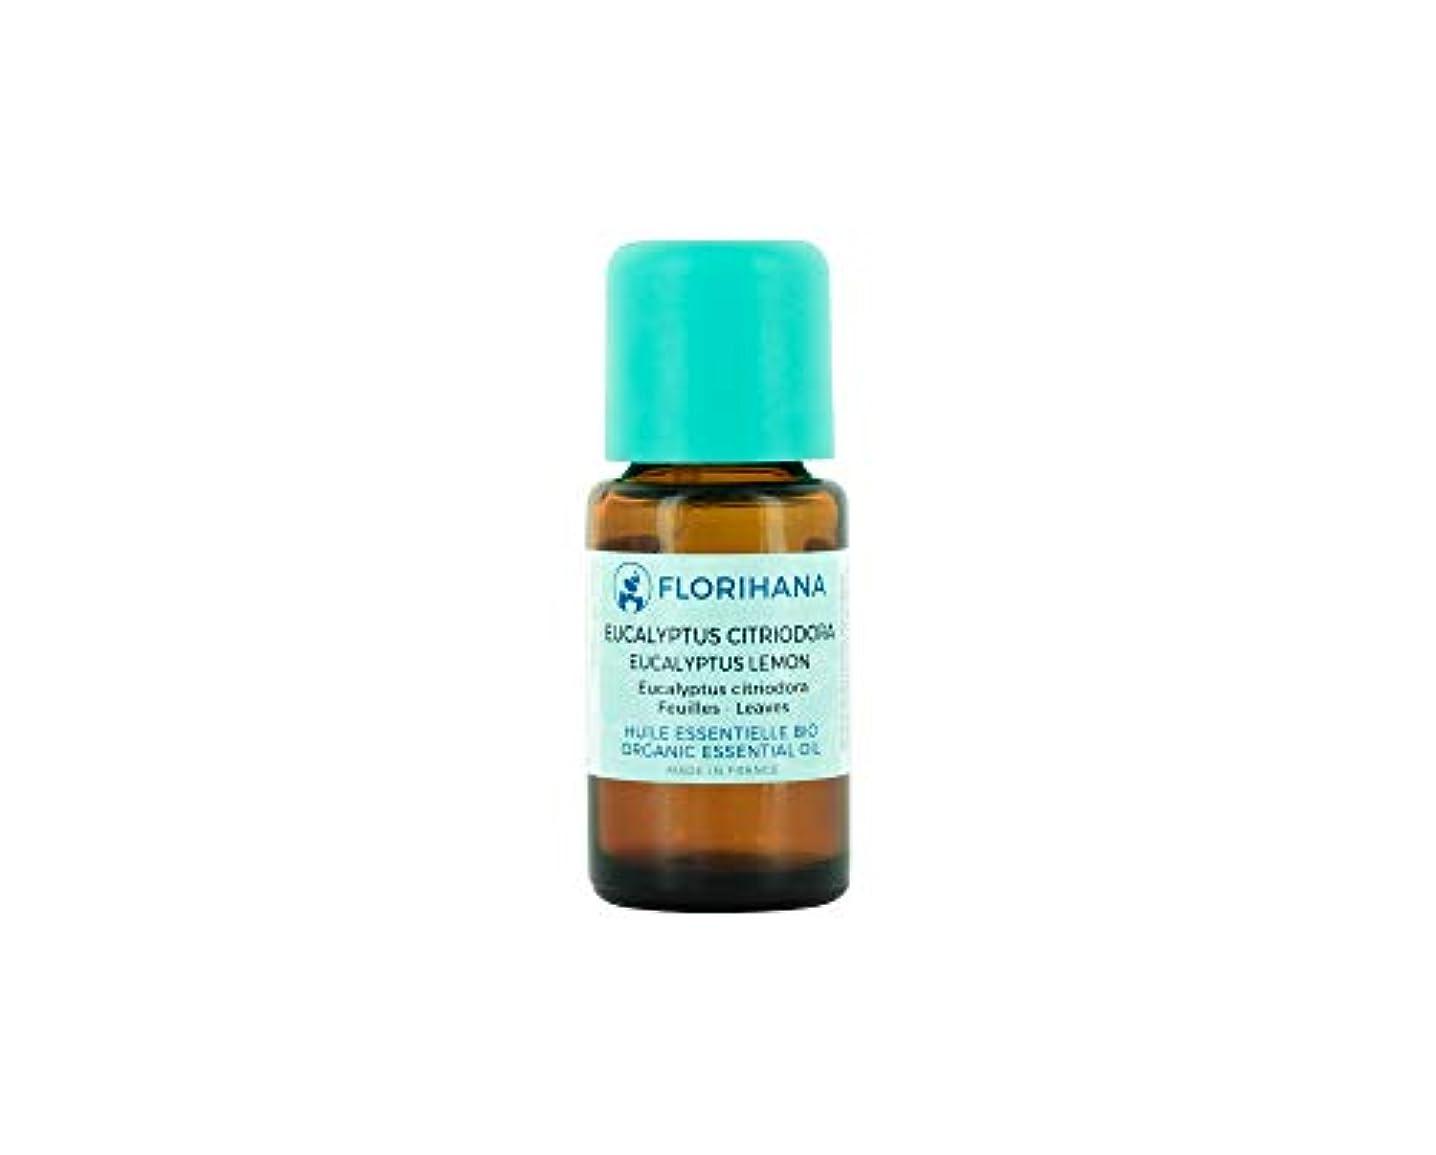 人気魅力的であることへのアピールなにオーガニック エッセンシャルオイル ユーカリレモン 5g(5.7ml)